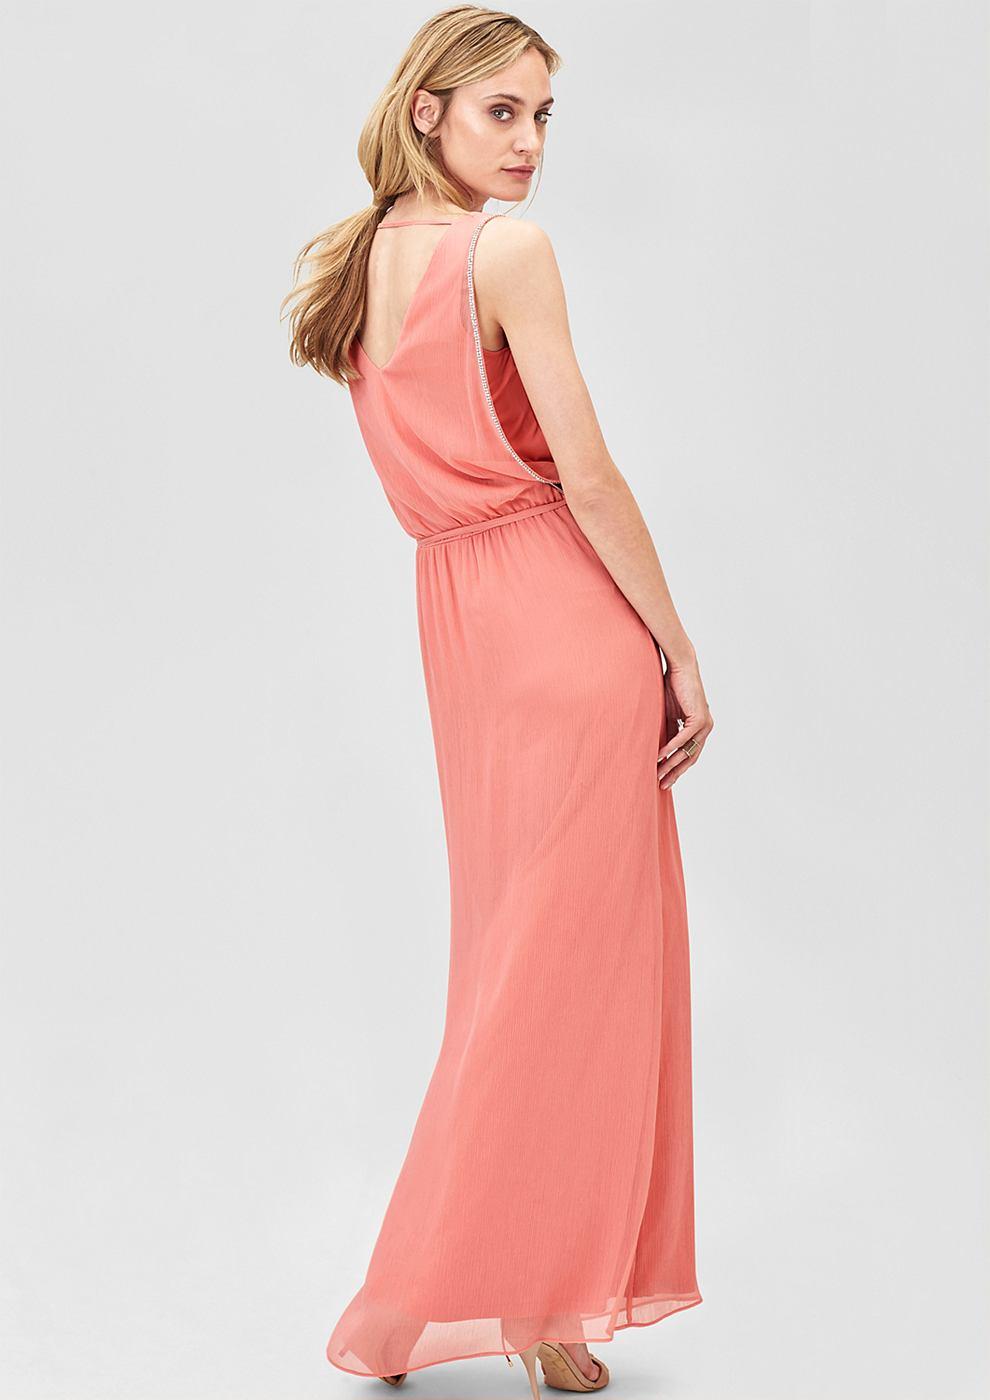 s.Oliver Premium Crepe jurk met sierrandjes met stras oranje